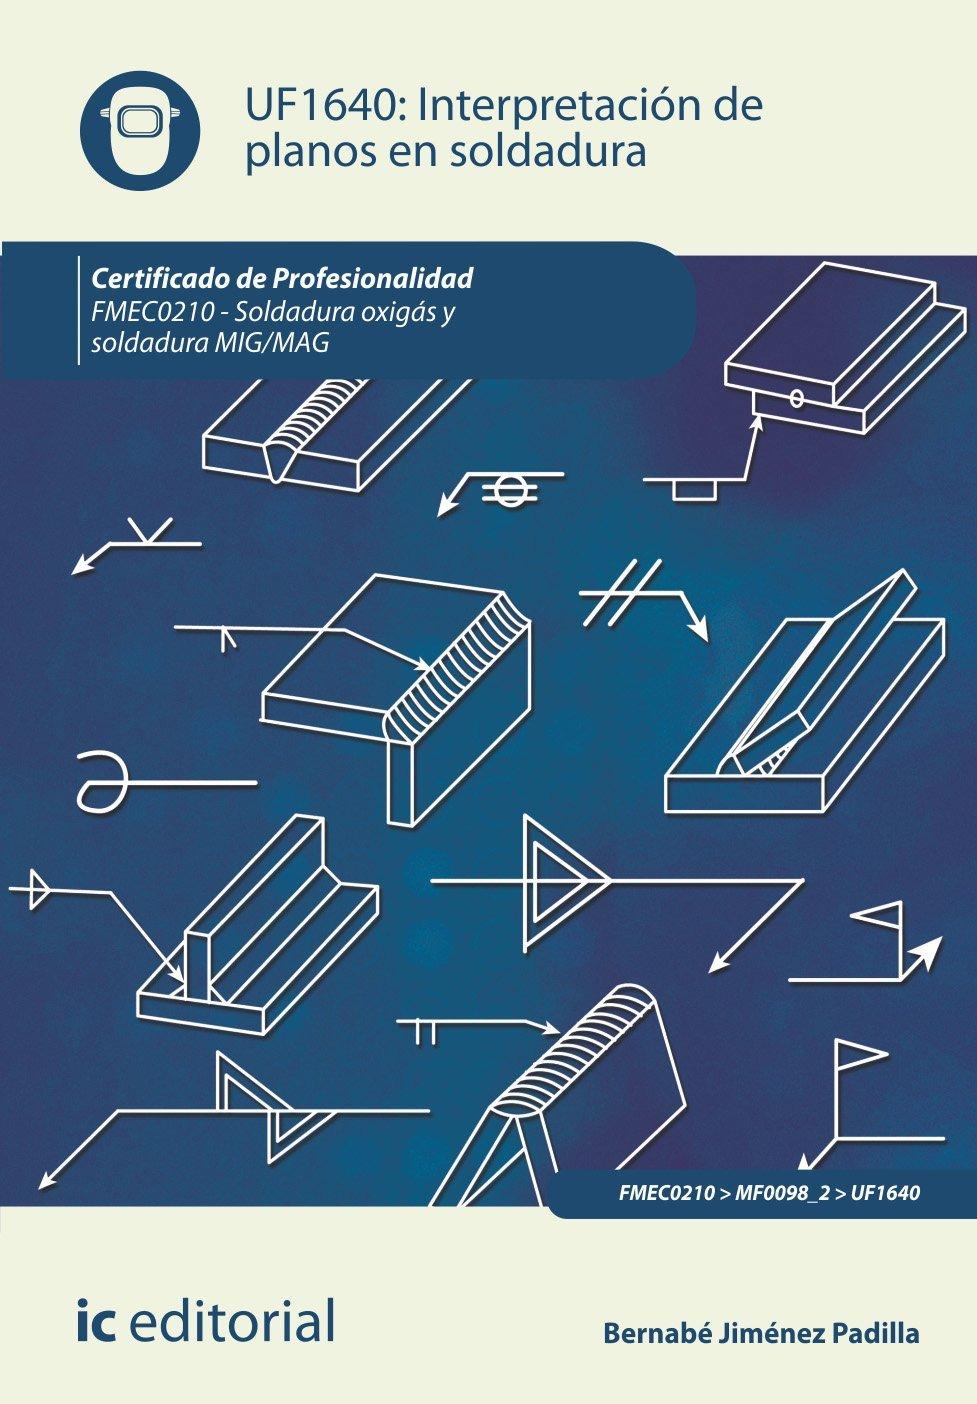 Interpretación de planos en soldadura. fmec0210 - soldadura oxigás y soldadura mig/mag: Amazon.es: Bernabé Jiménez Padilla: Libros